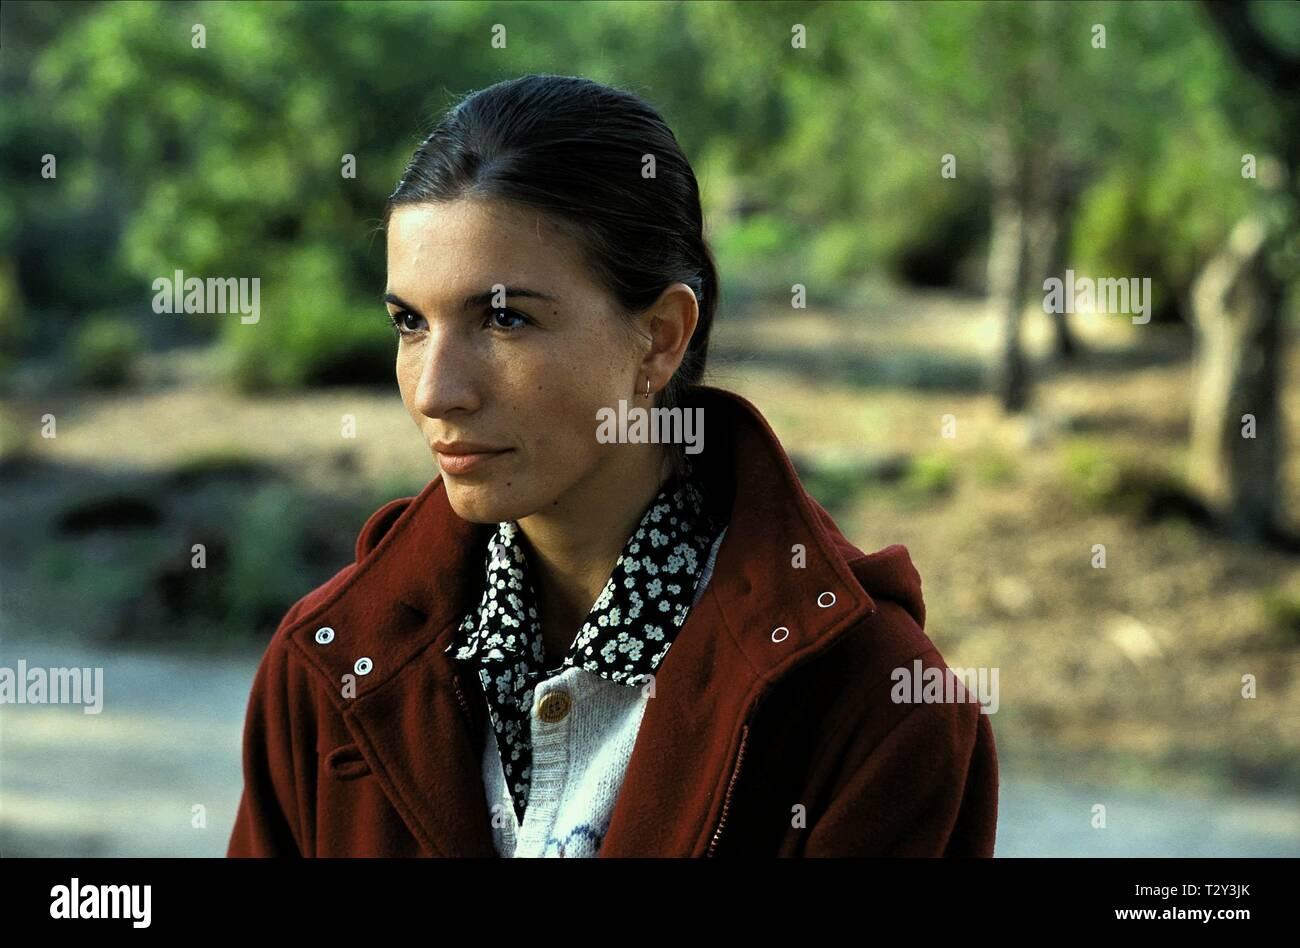 LUCIA MONIZ, LOVE ACTUALLY, 2003 - Stock Image